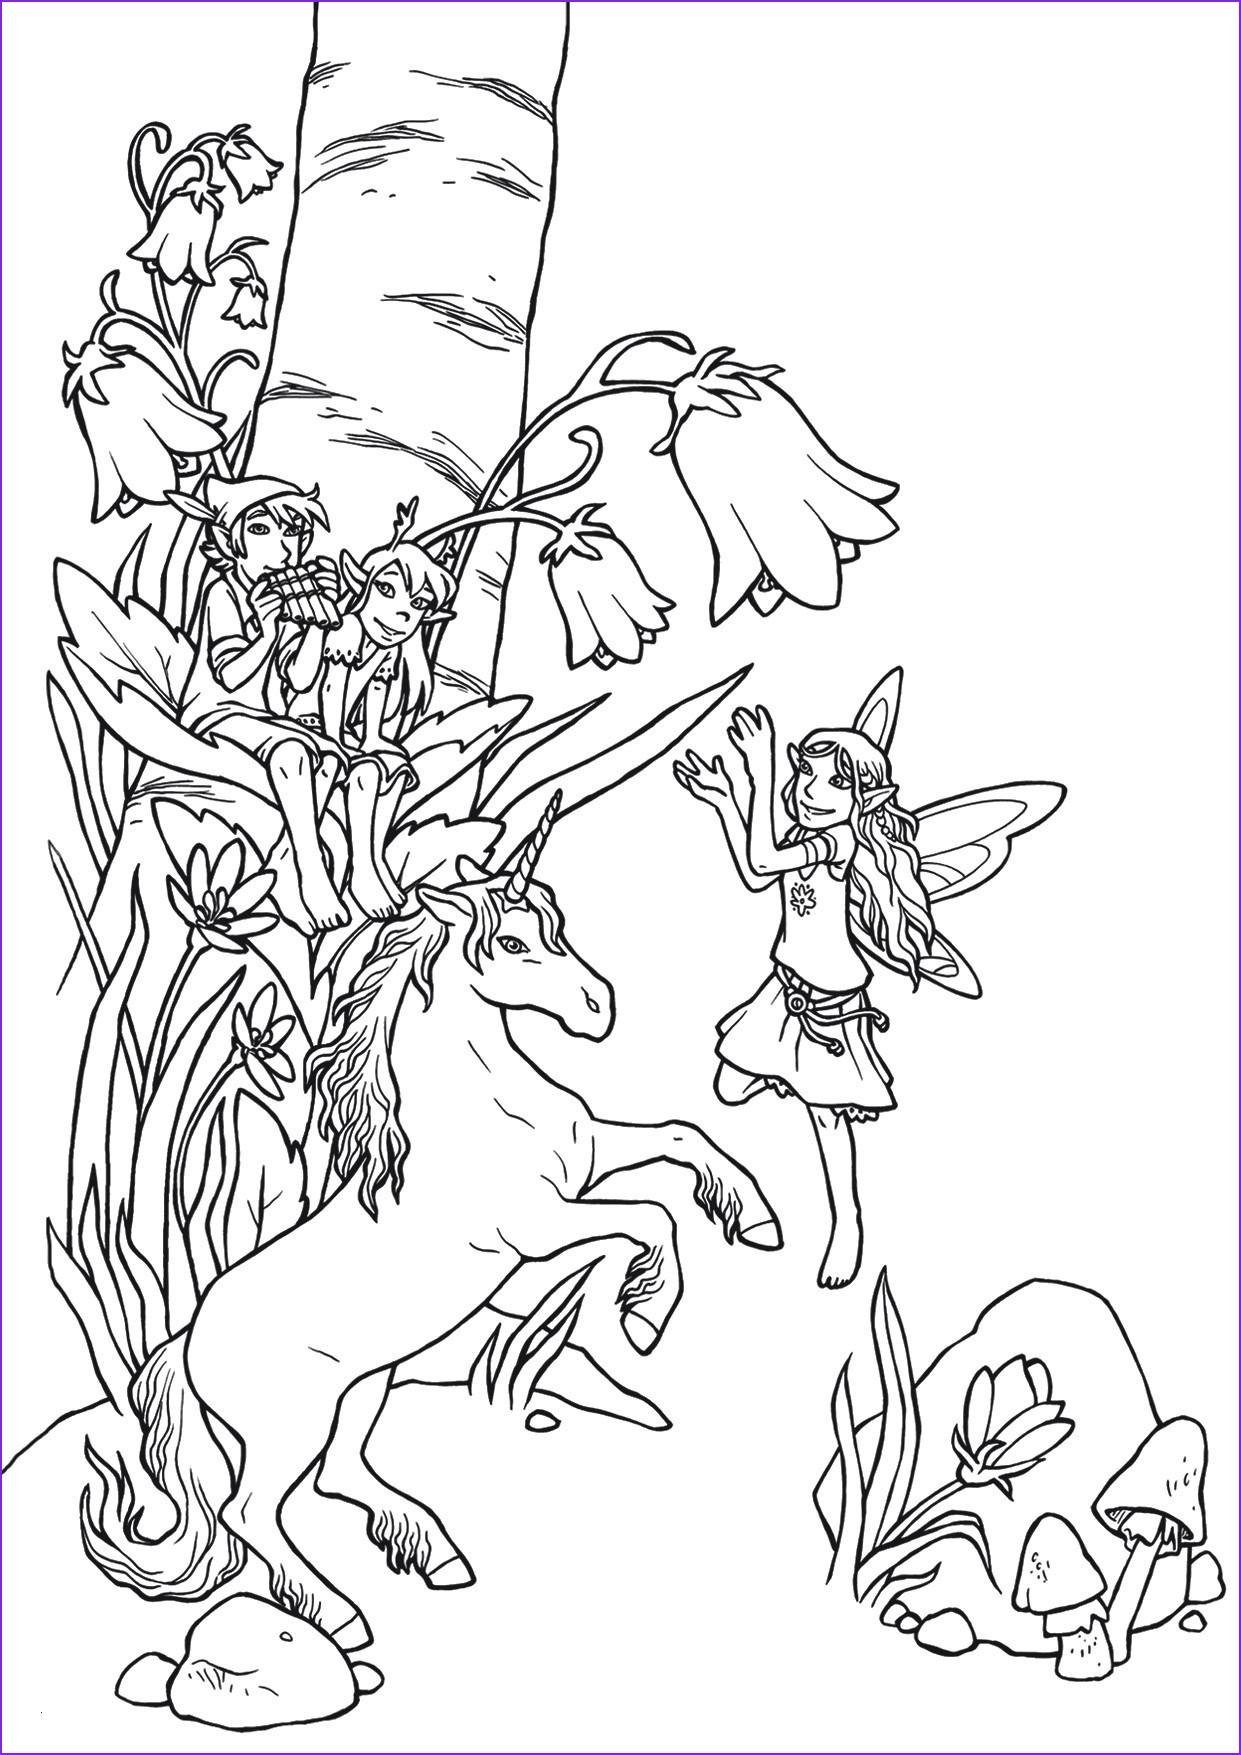 Ausmalbild Einhorn Mit Fee Inspirierend 35 Ausmalbilder Einhorn Mit Fee forstergallery Galerie